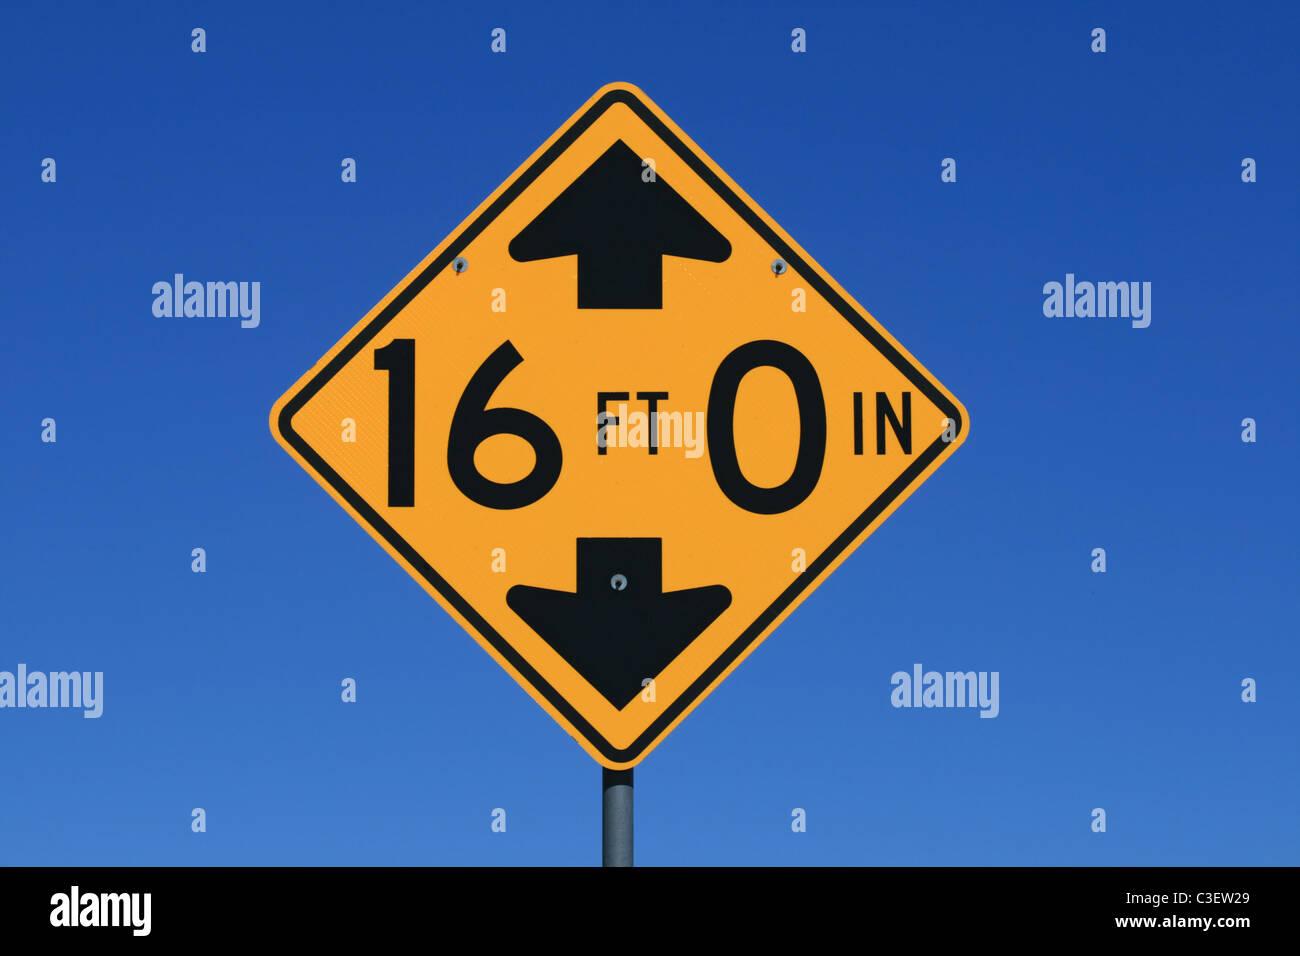 La hauteur libre de 16 pieds panneau routier avec fond de ciel bleu Photo Stock